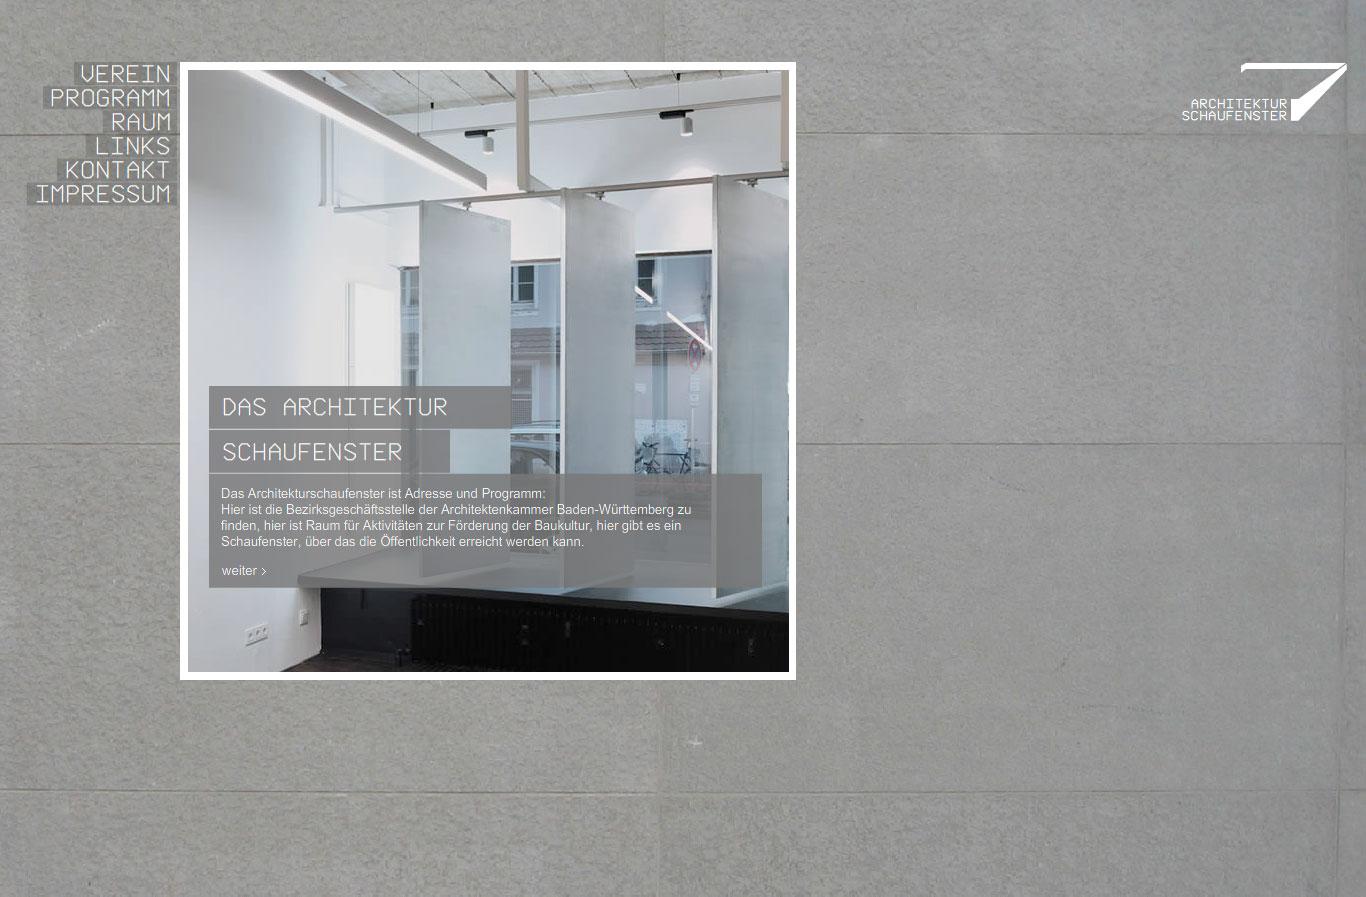 zwo-elf_architekturschaufenster_03